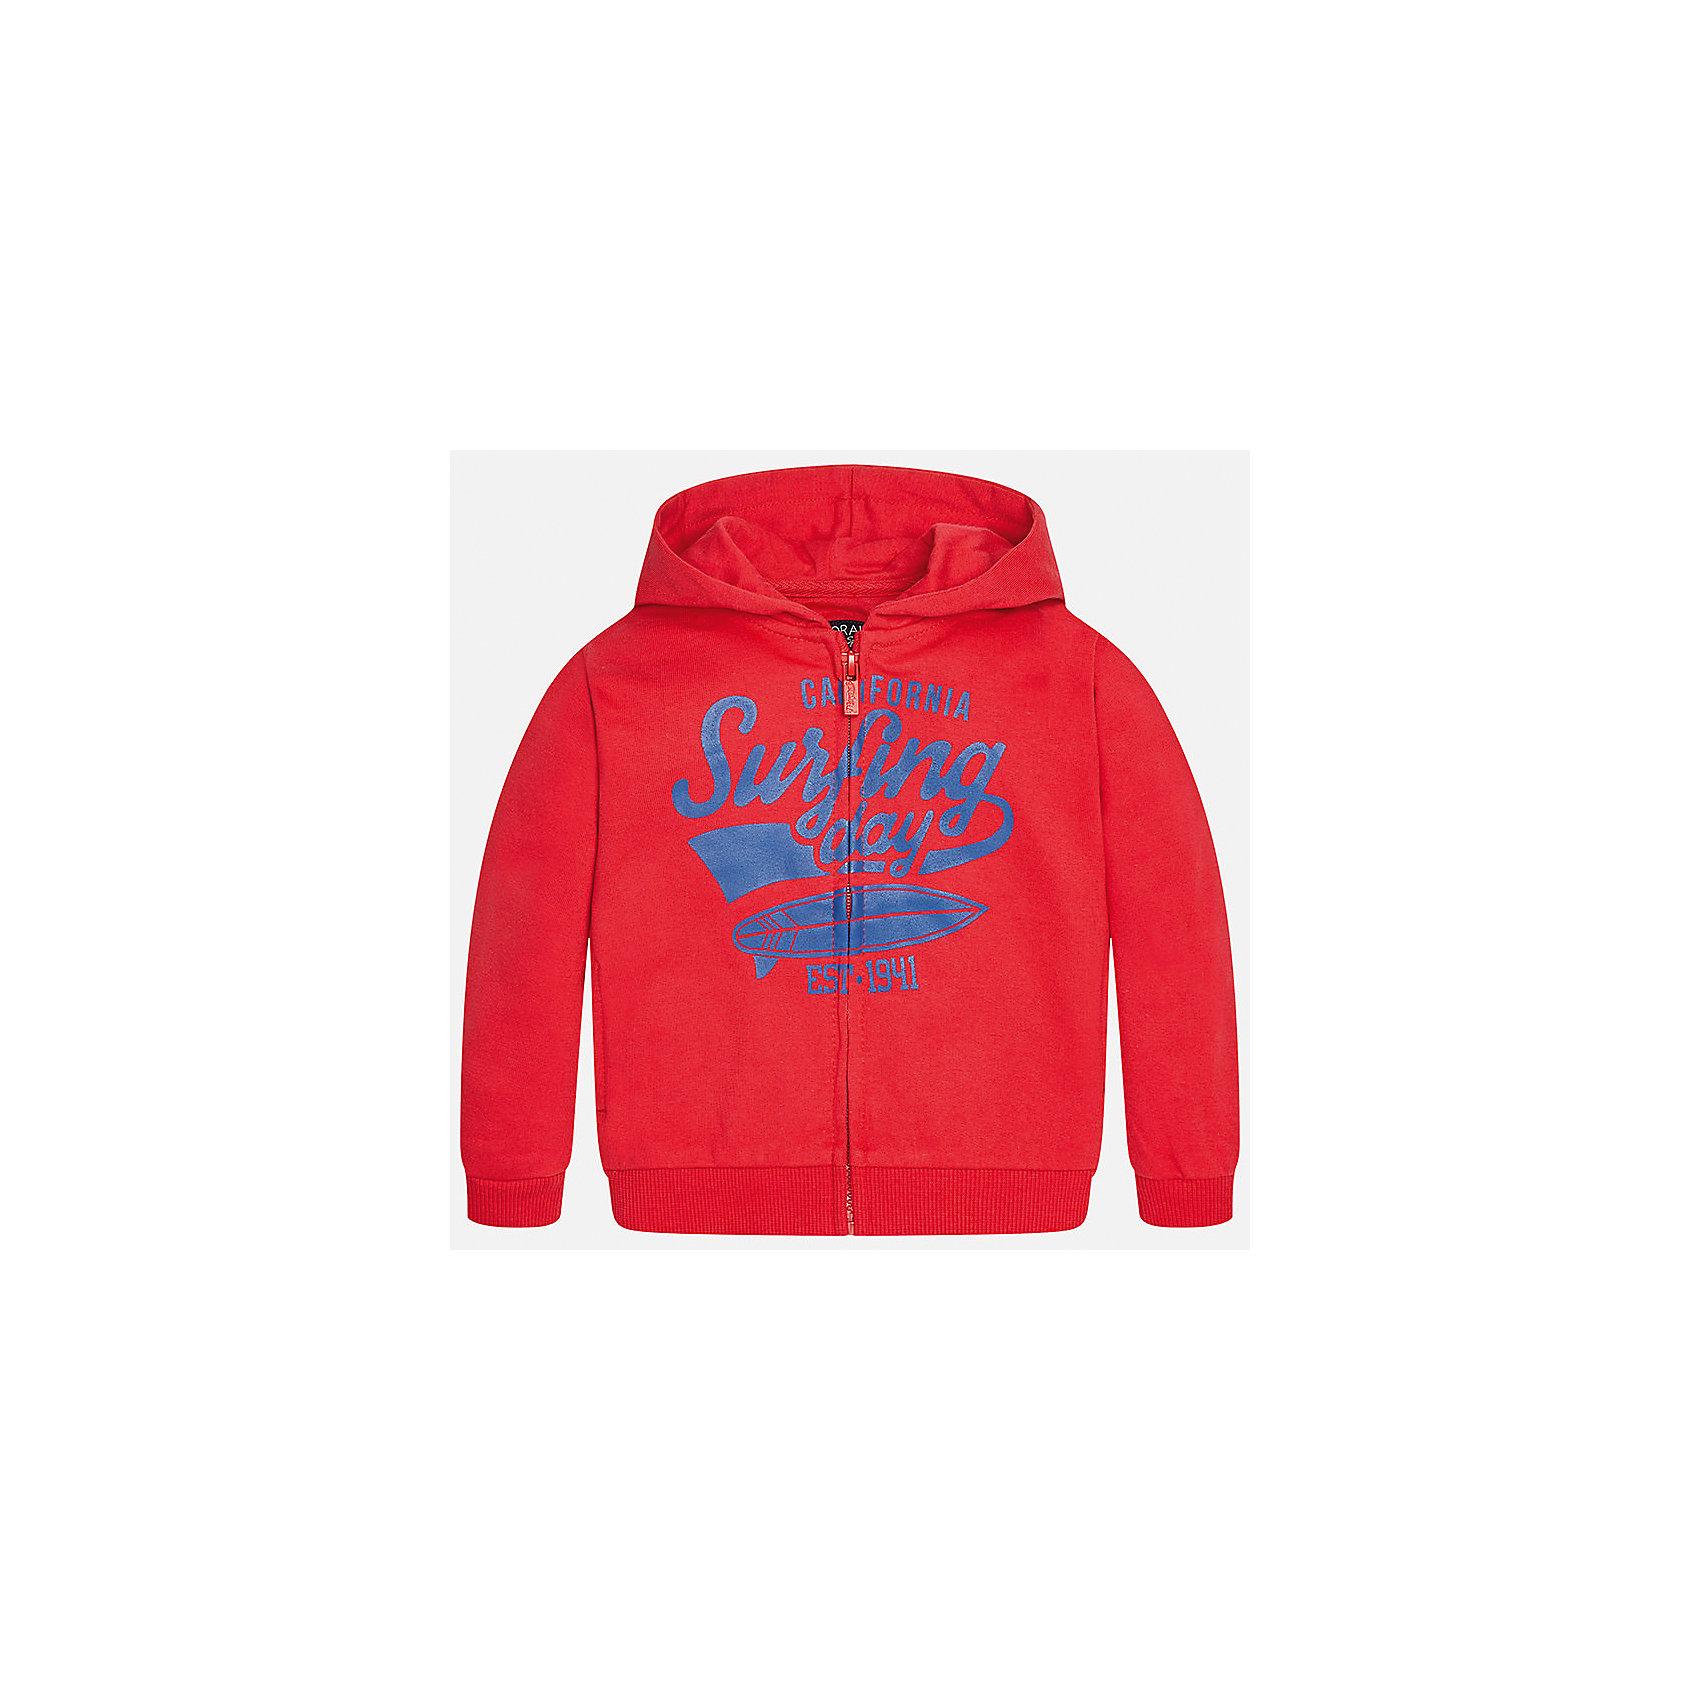 Толстовка для мальчика MayoralЛови волну<br>Характеристики товара:<br><br>• цвет: красный<br>• состав: 60% хлопок, 40% полиэстер<br>• рукава длинные <br>• принт<br>• молния<br>• капюшон<br>• страна бренда: Испания<br><br>Удобная модная куртка для мальчика поможет разнообразить гардероб ребенка и обеспечить тепло. Она отлично сочетается и с джинсами, и с брюками. Универсальный цвет позволяет подобрать к вещи низ различных расцветок. Интересная отделка модели делает её нарядной и оригинальной. В составе материала - натуральный хлопок, гипоаллергенный, приятный на ощупь, дышащий.<br><br>Одежда, обувь и аксессуары от испанского бренда Mayoral полюбились детям и взрослым по всему миру. Модели этой марки - стильные и удобные. Для их производства используются только безопасные, качественные материалы и фурнитура. Порадуйте ребенка модными и красивыми вещами от Mayoral! <br><br>Куртку для мальчика от испанского бренда Mayoral (Майорал) можно купить в нашем интернет-магазине.<br><br>Ширина мм: 356<br>Глубина мм: 10<br>Высота мм: 245<br>Вес г: 519<br>Цвет: красный<br>Возраст от месяцев: 12<br>Возраст до месяцев: 18<br>Пол: Мужской<br>Возраст: Детский<br>Размер: 86,80,92<br>SKU: 5279592